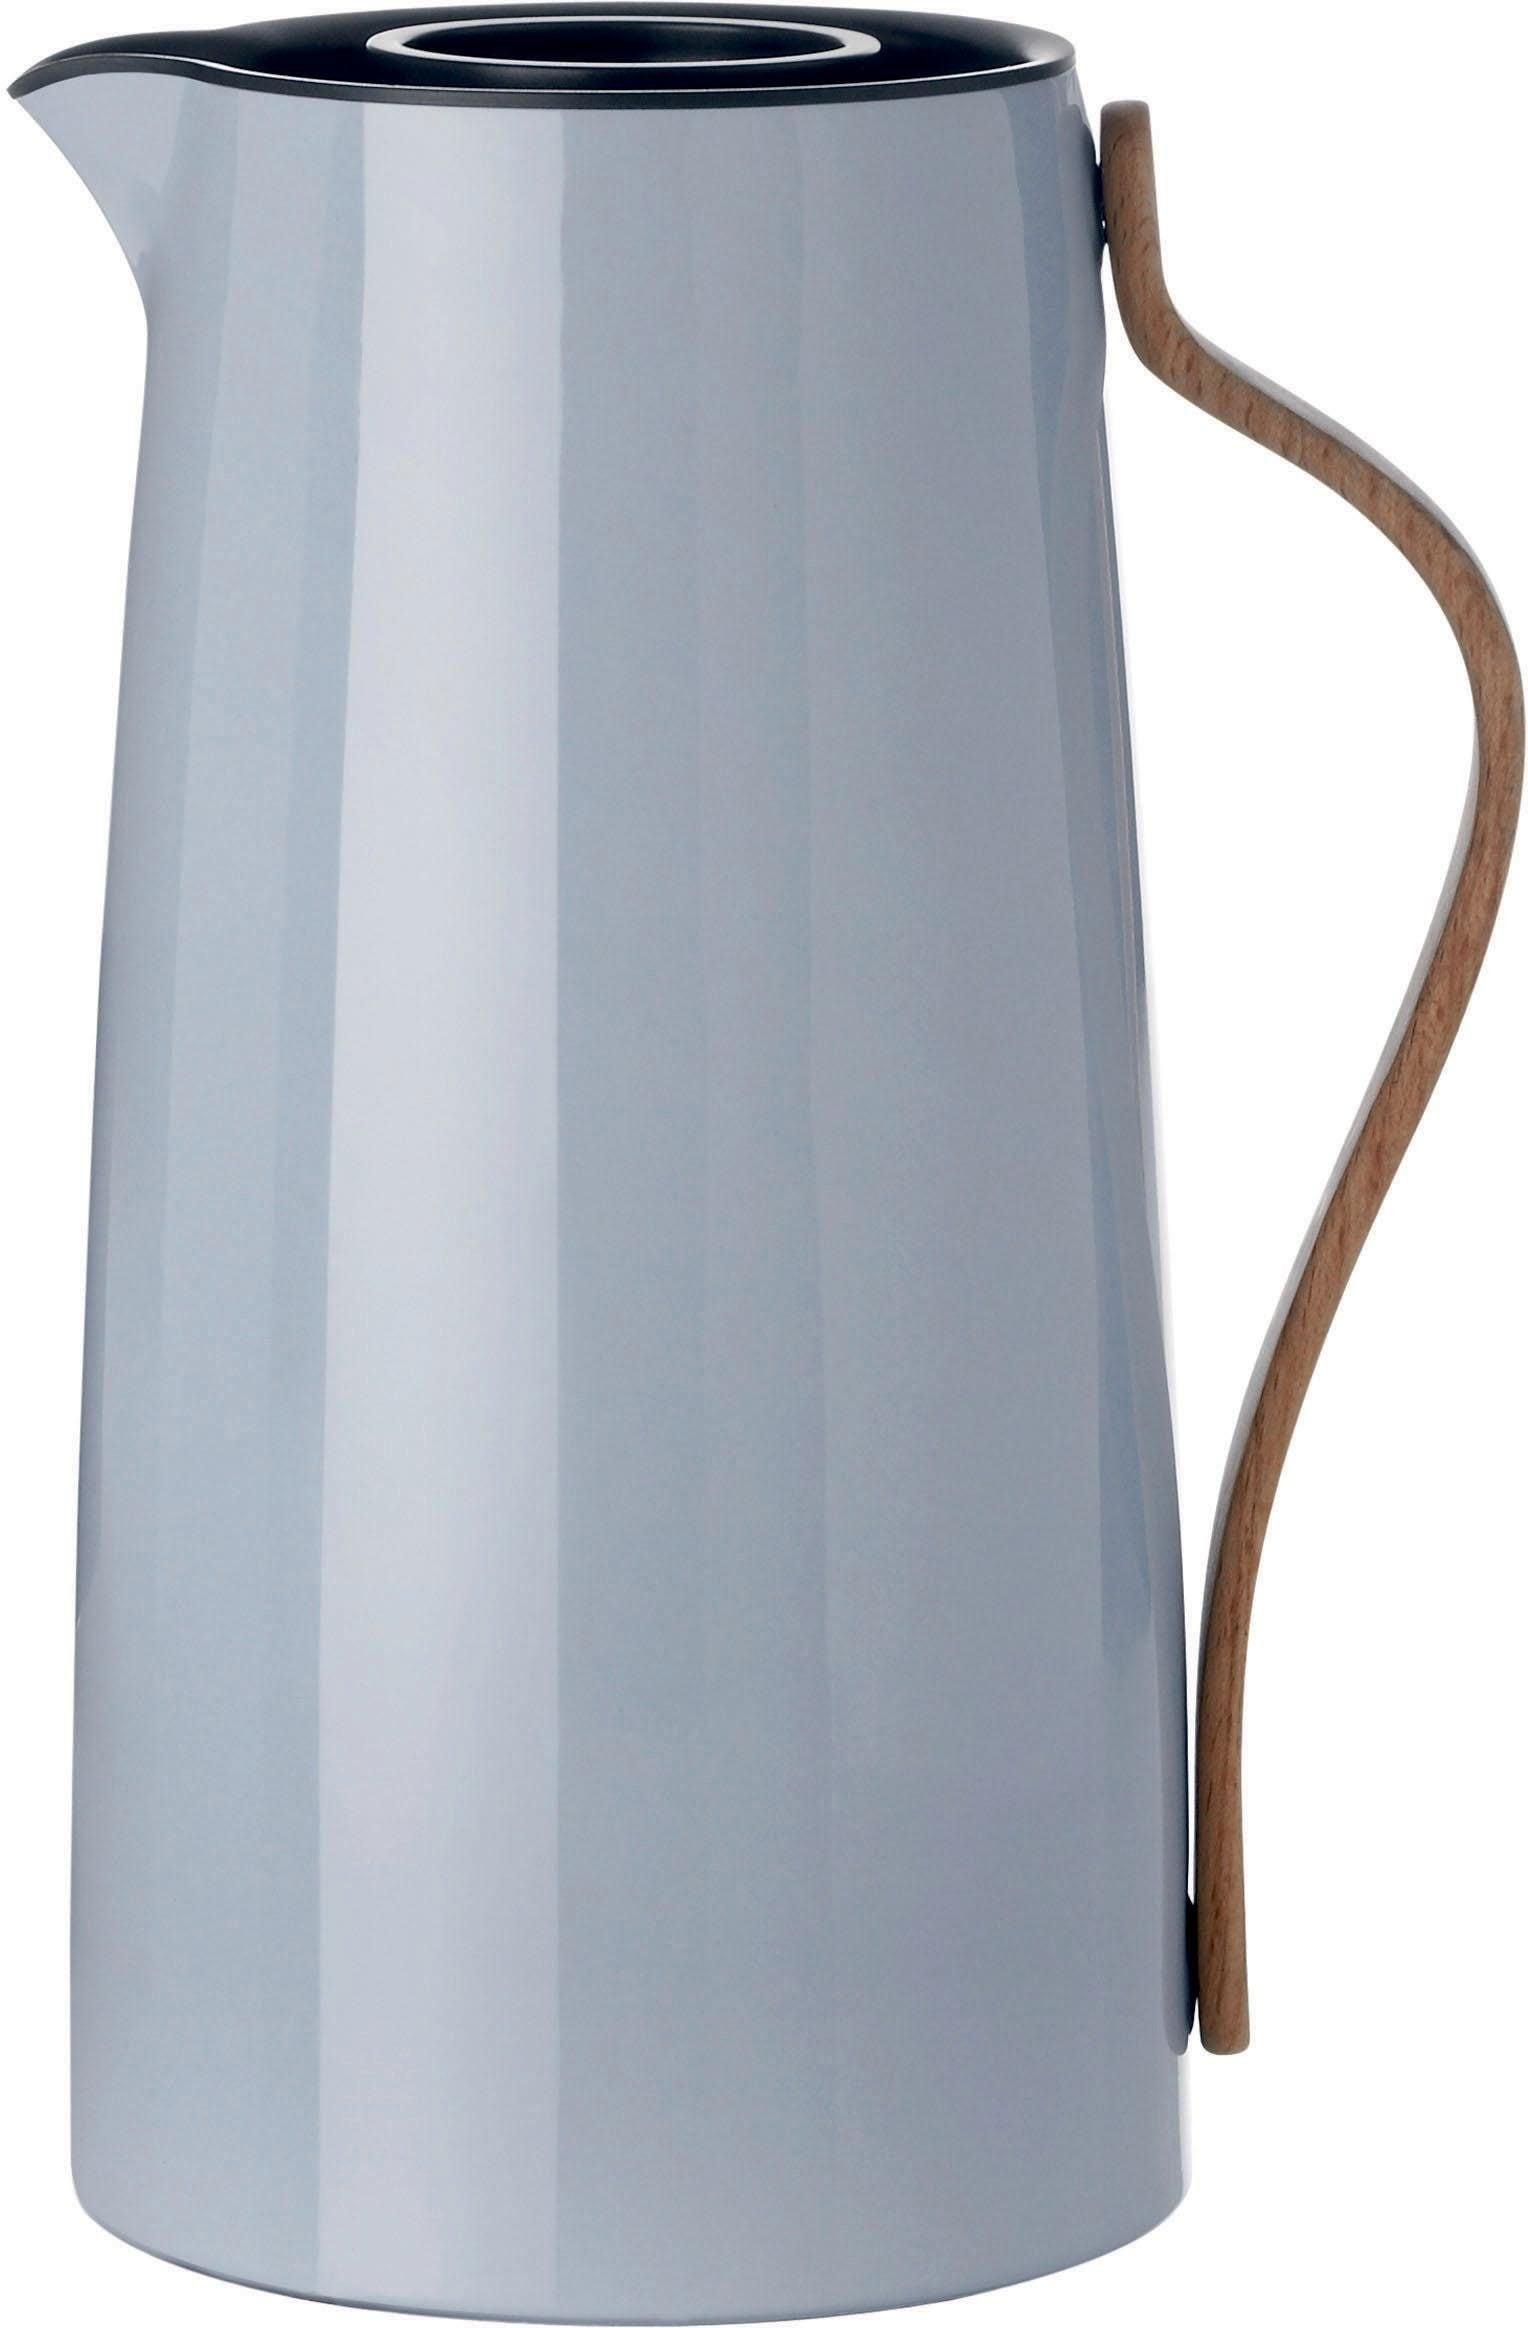 Stelton Isolierkanne Emma, 1,2 l blau Kannen Geschirr, Porzellan Tischaccessoires Haushaltswaren